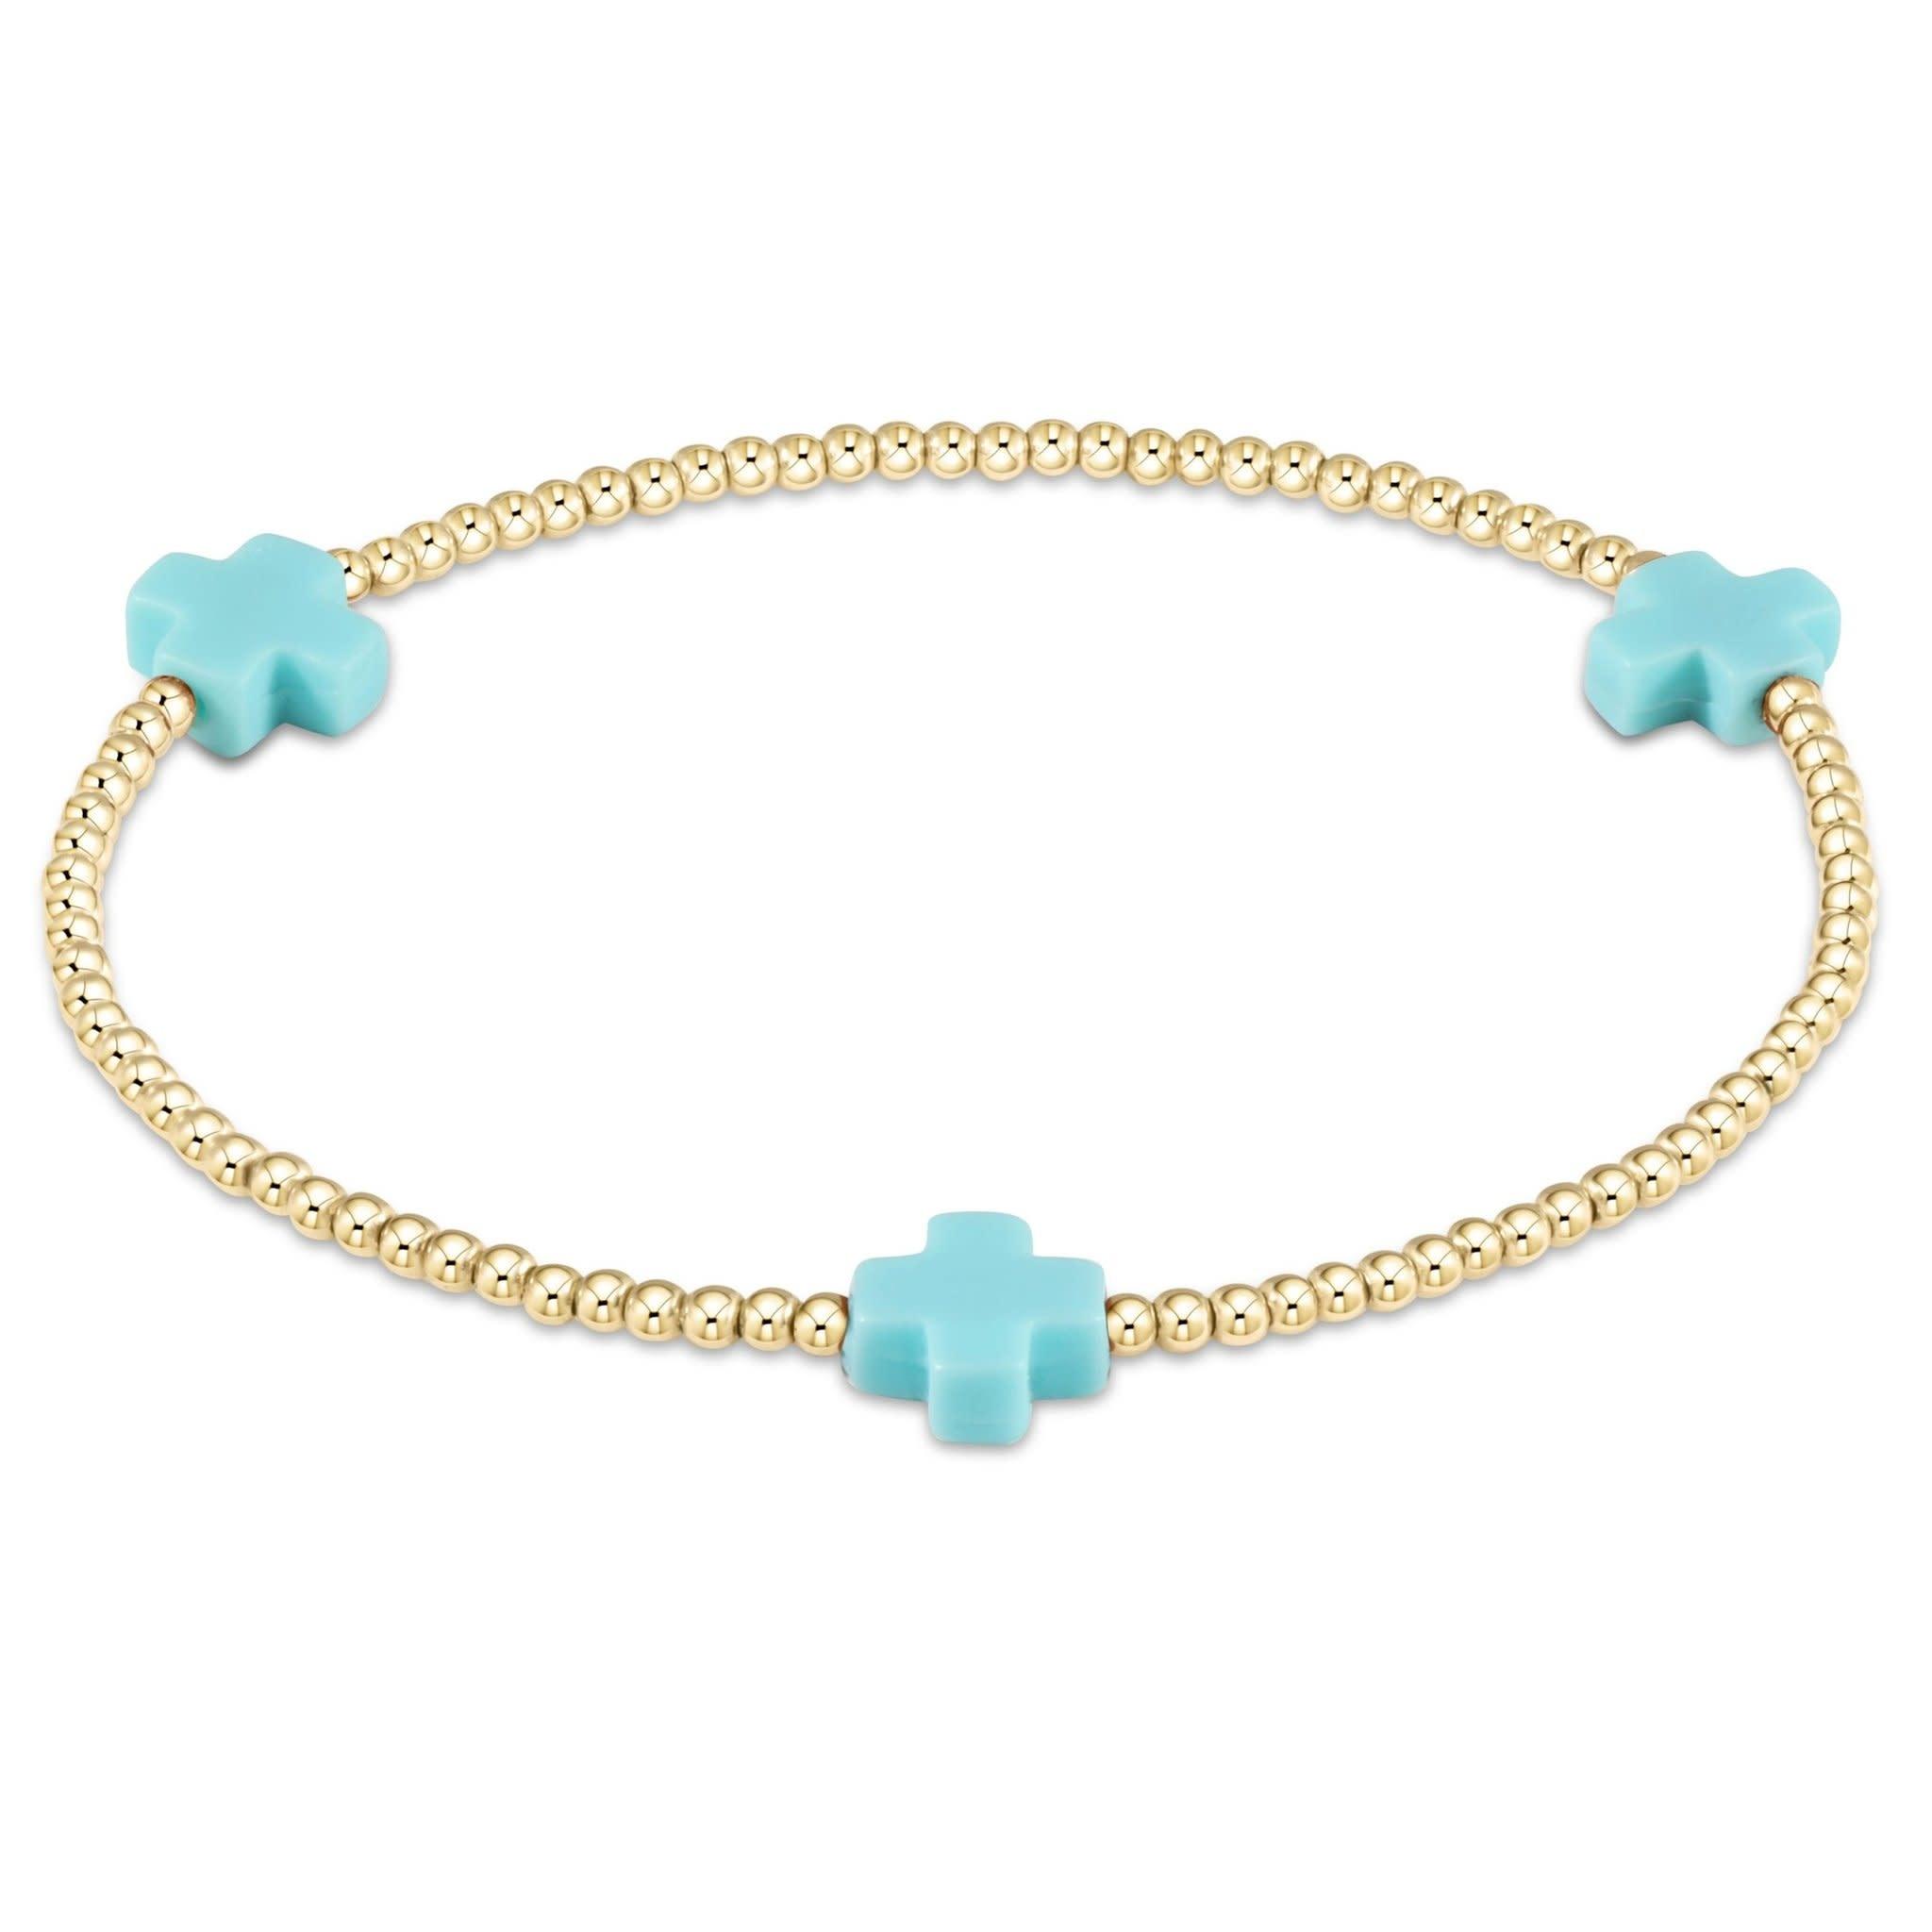 Cross 3mm Turquoise Bracelet